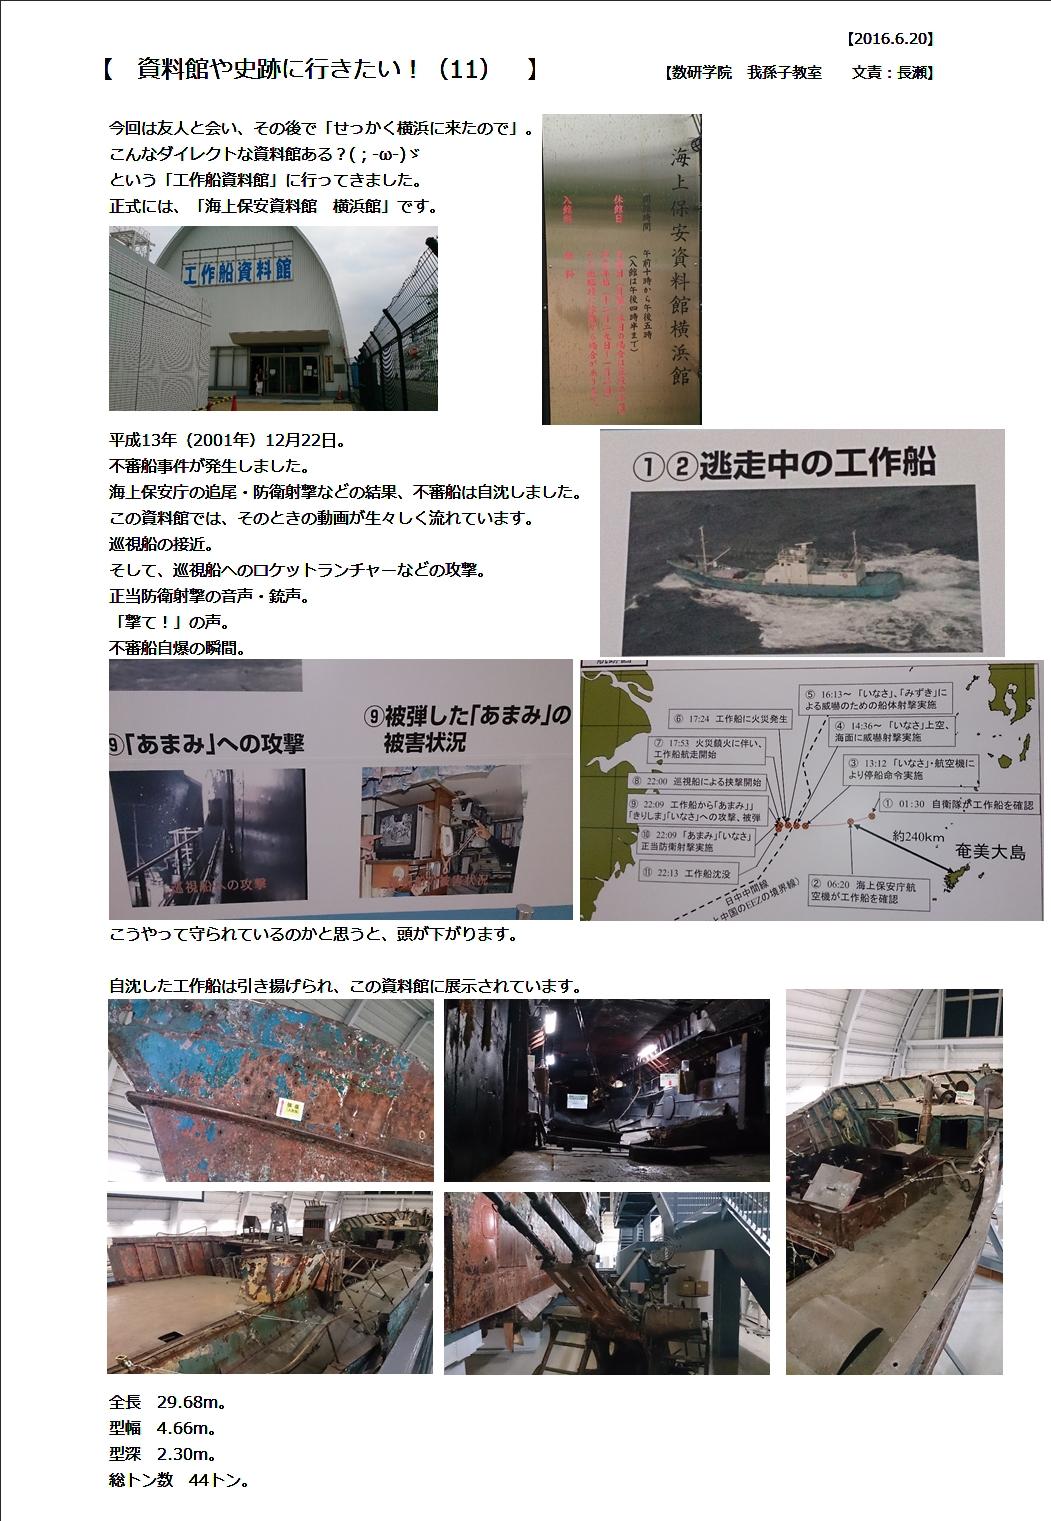 2016.6.19工作船資料館①